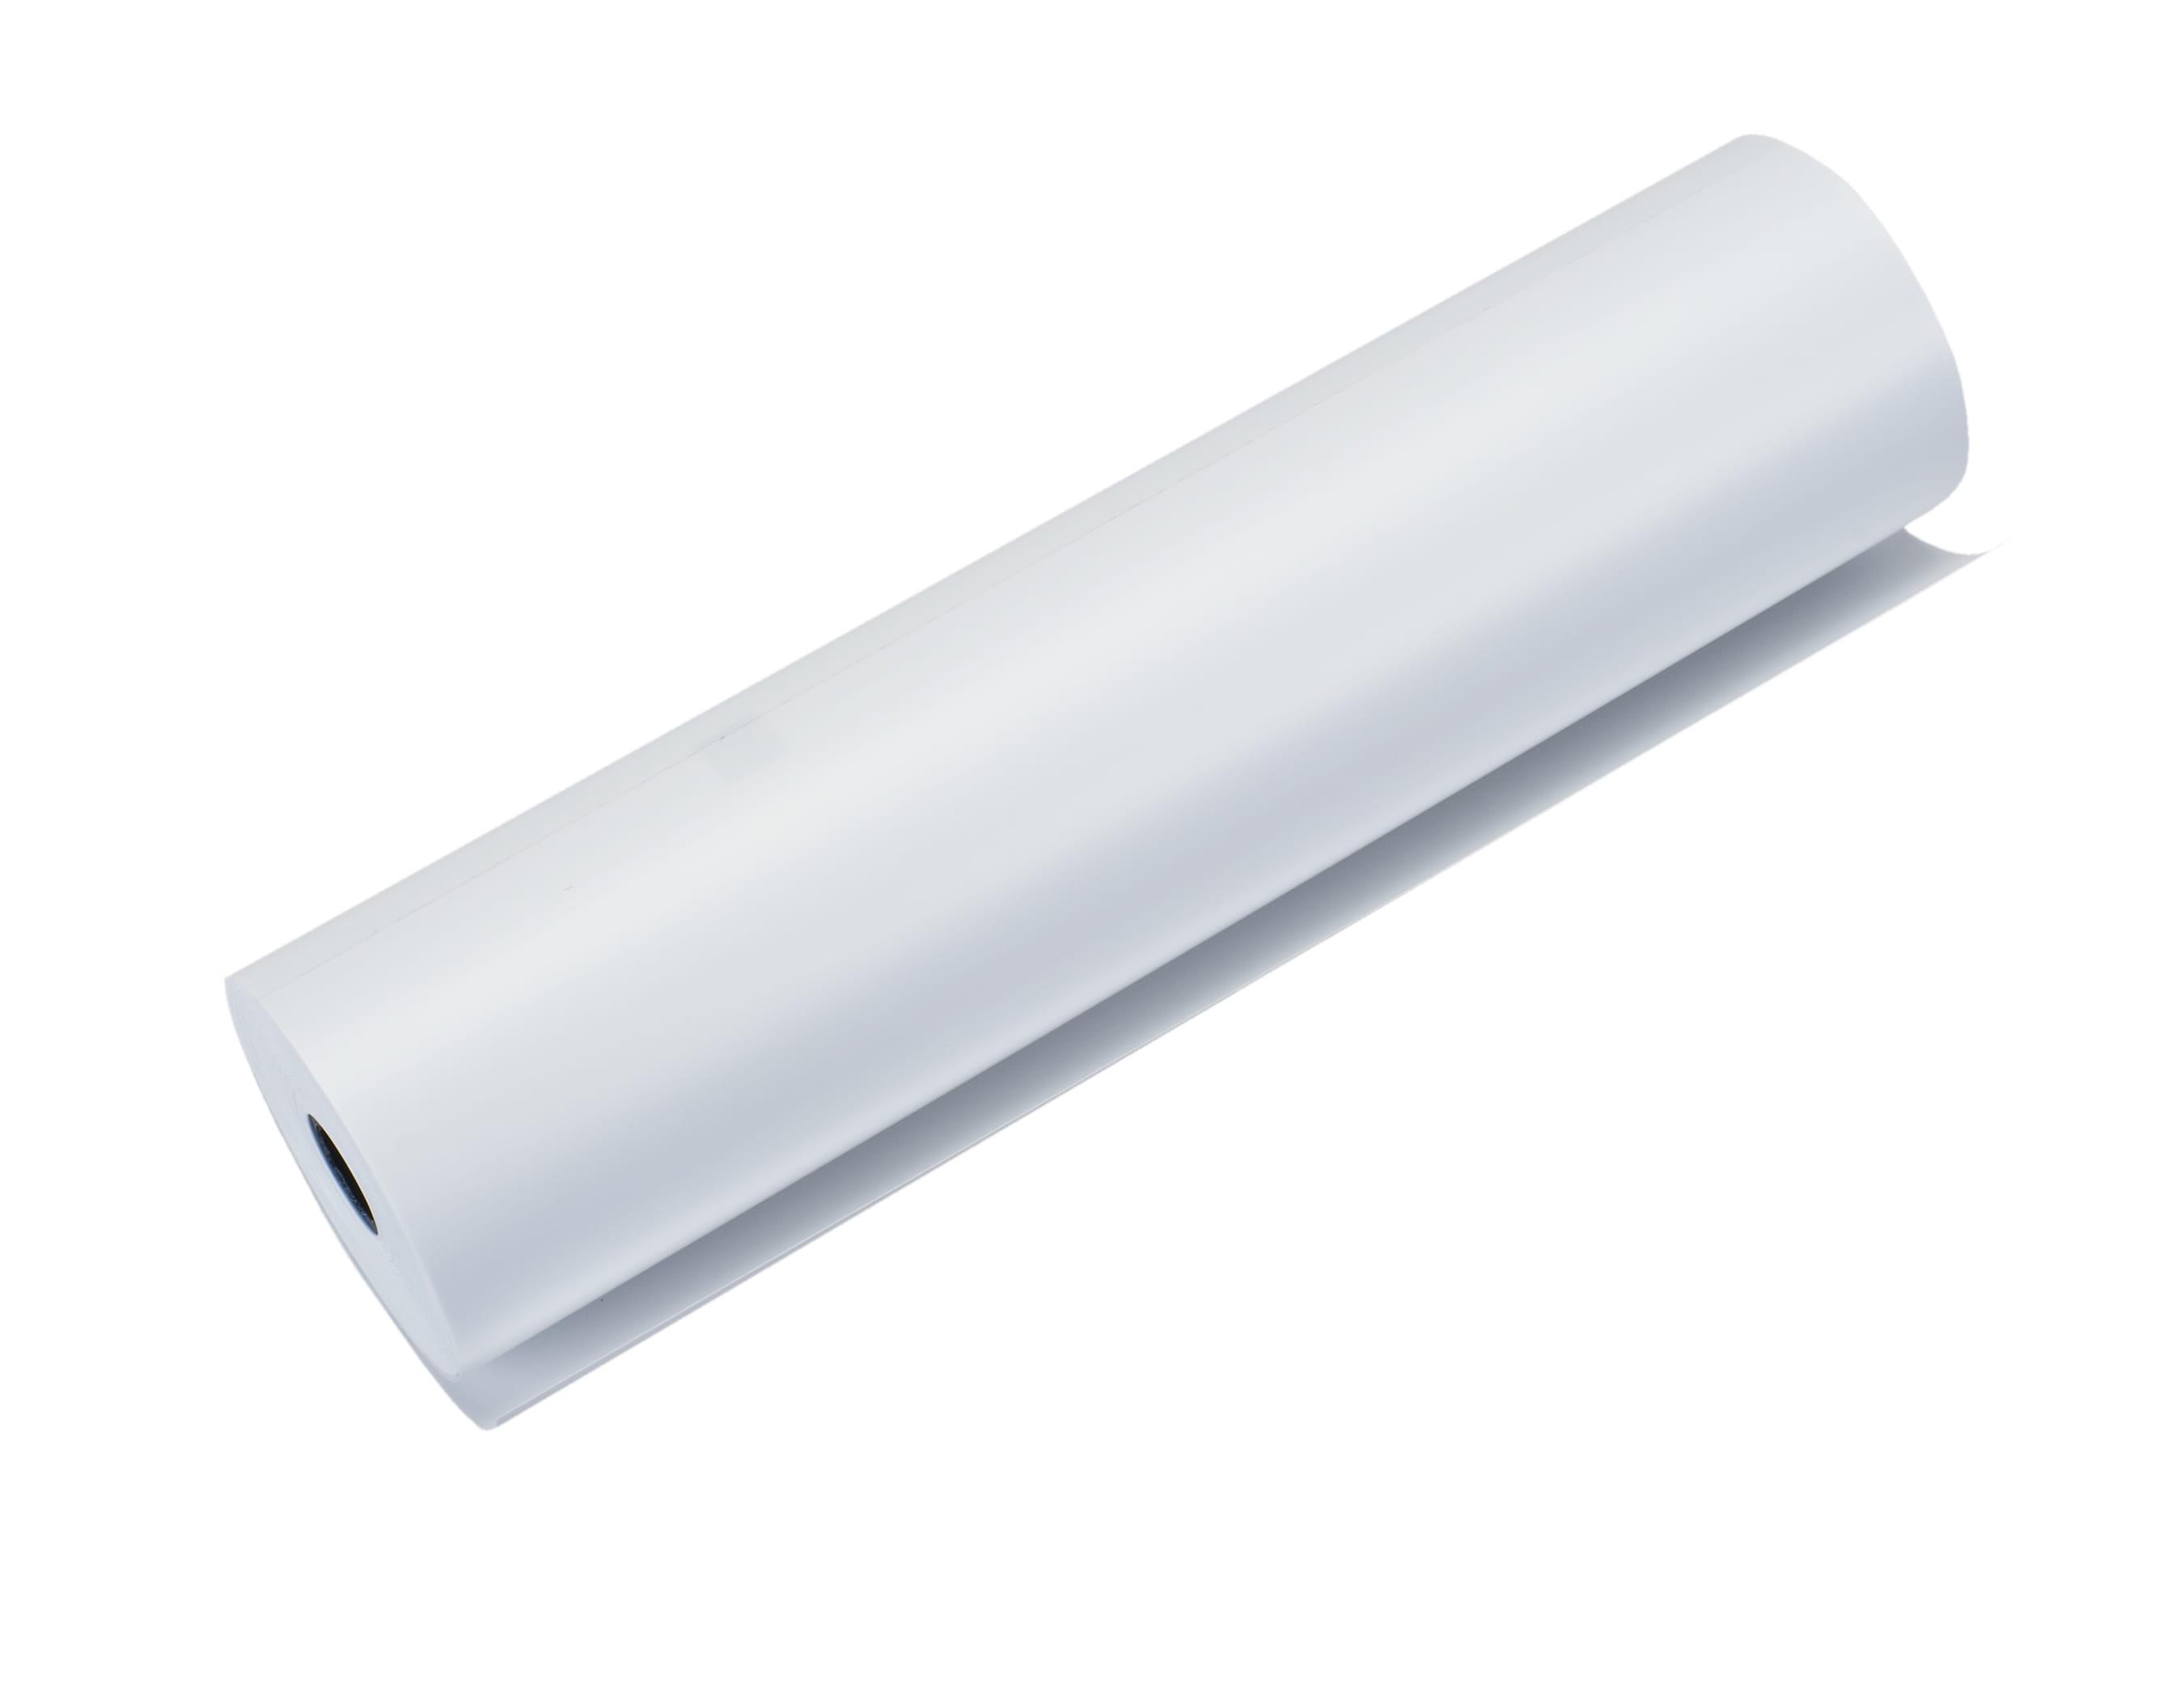 LB3787-premium-roll